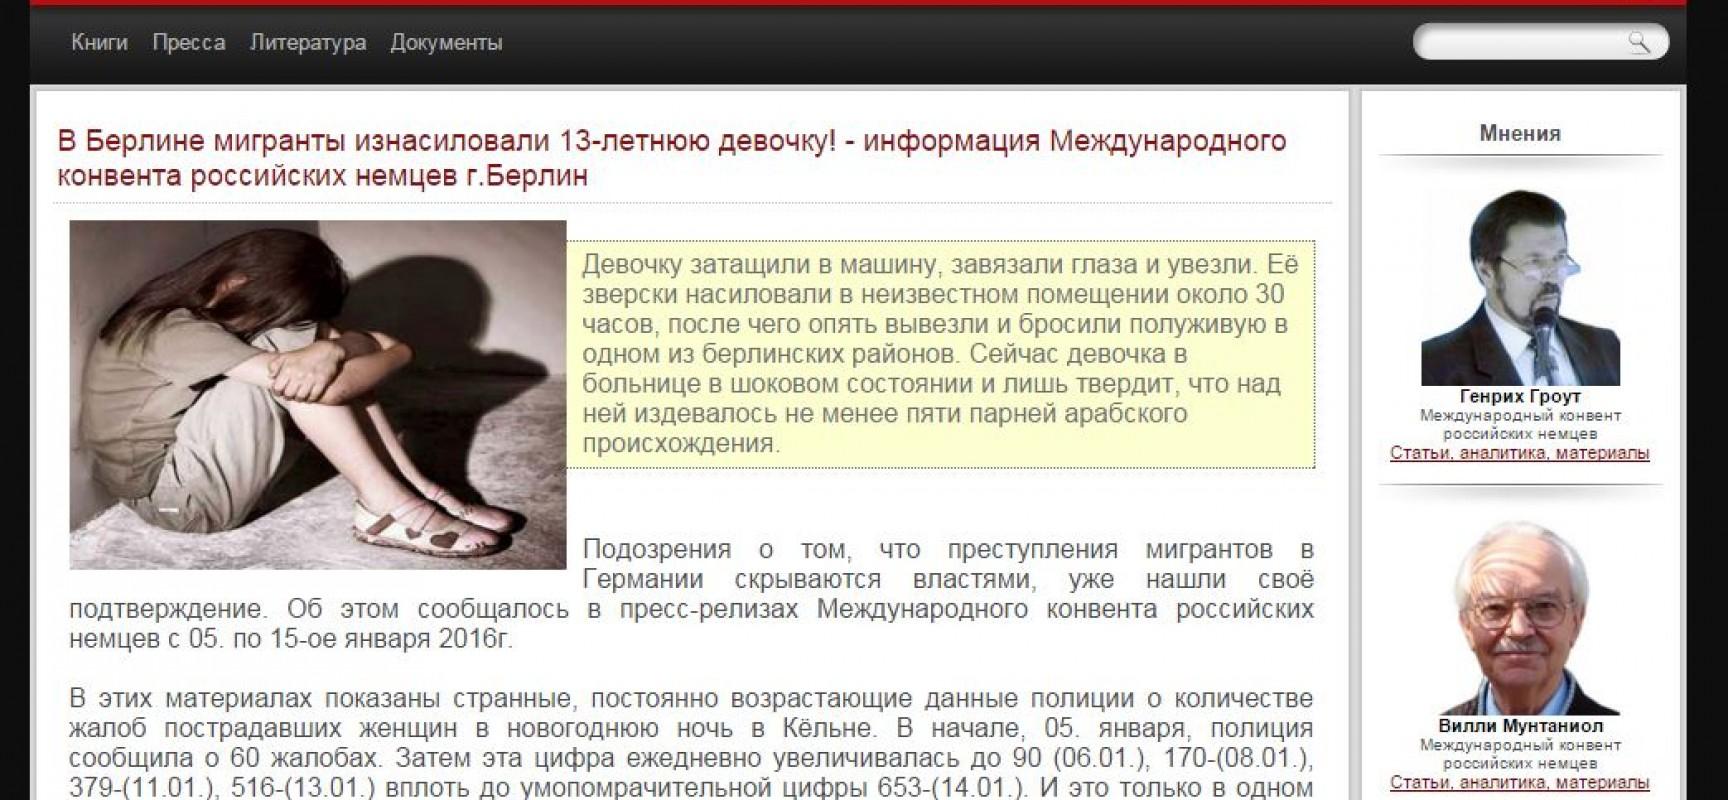 Фейк: В Берлине похищенную девочку из семьи русских немцев изнасиловали «беженцы»